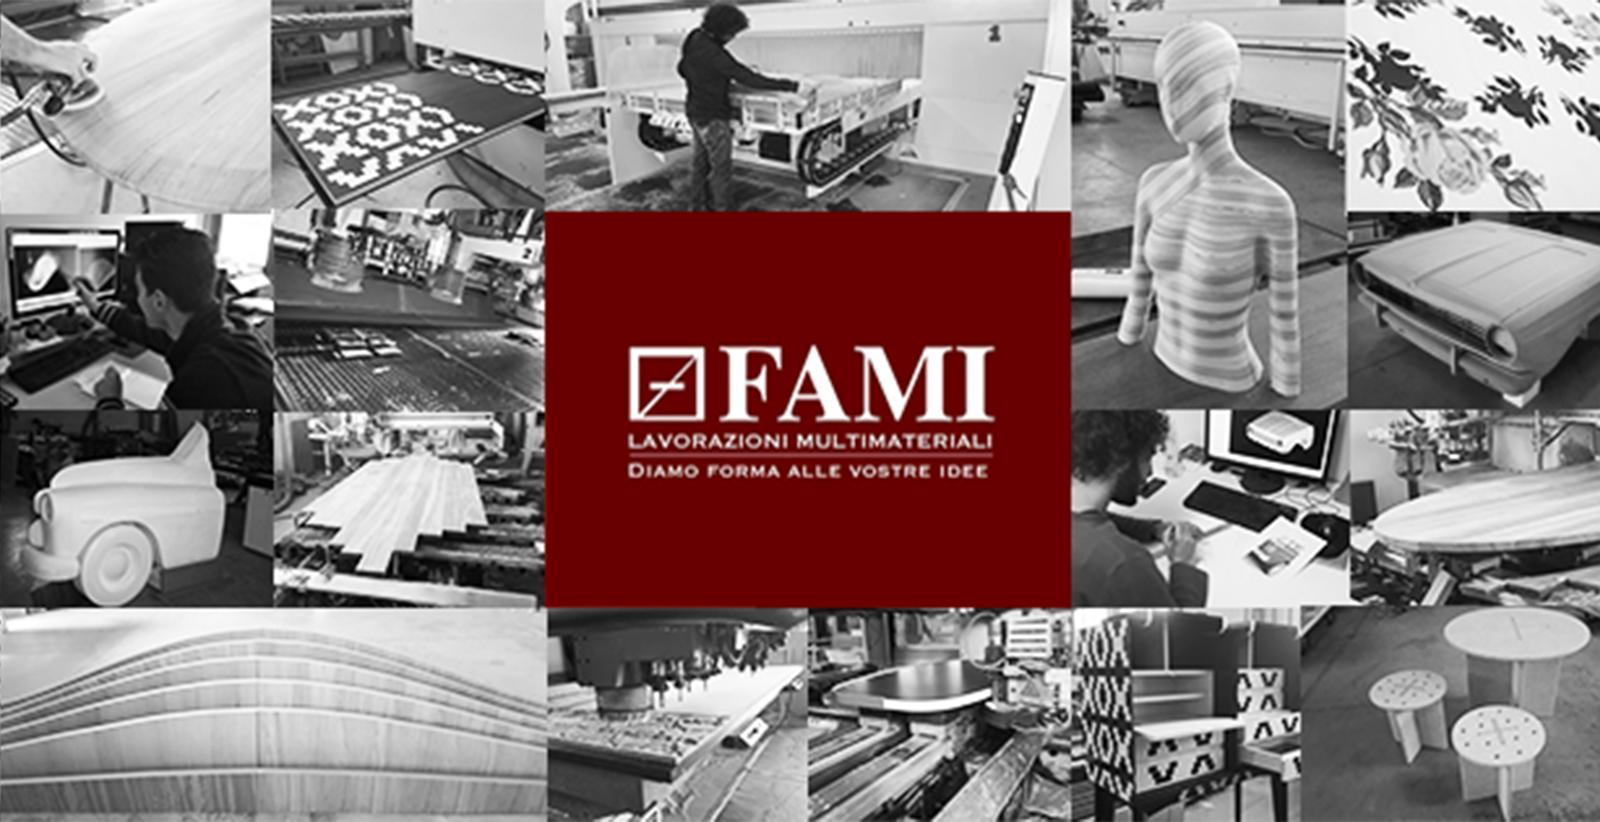 FAMI di Micheli Palmiero lavorazioni multimateriali